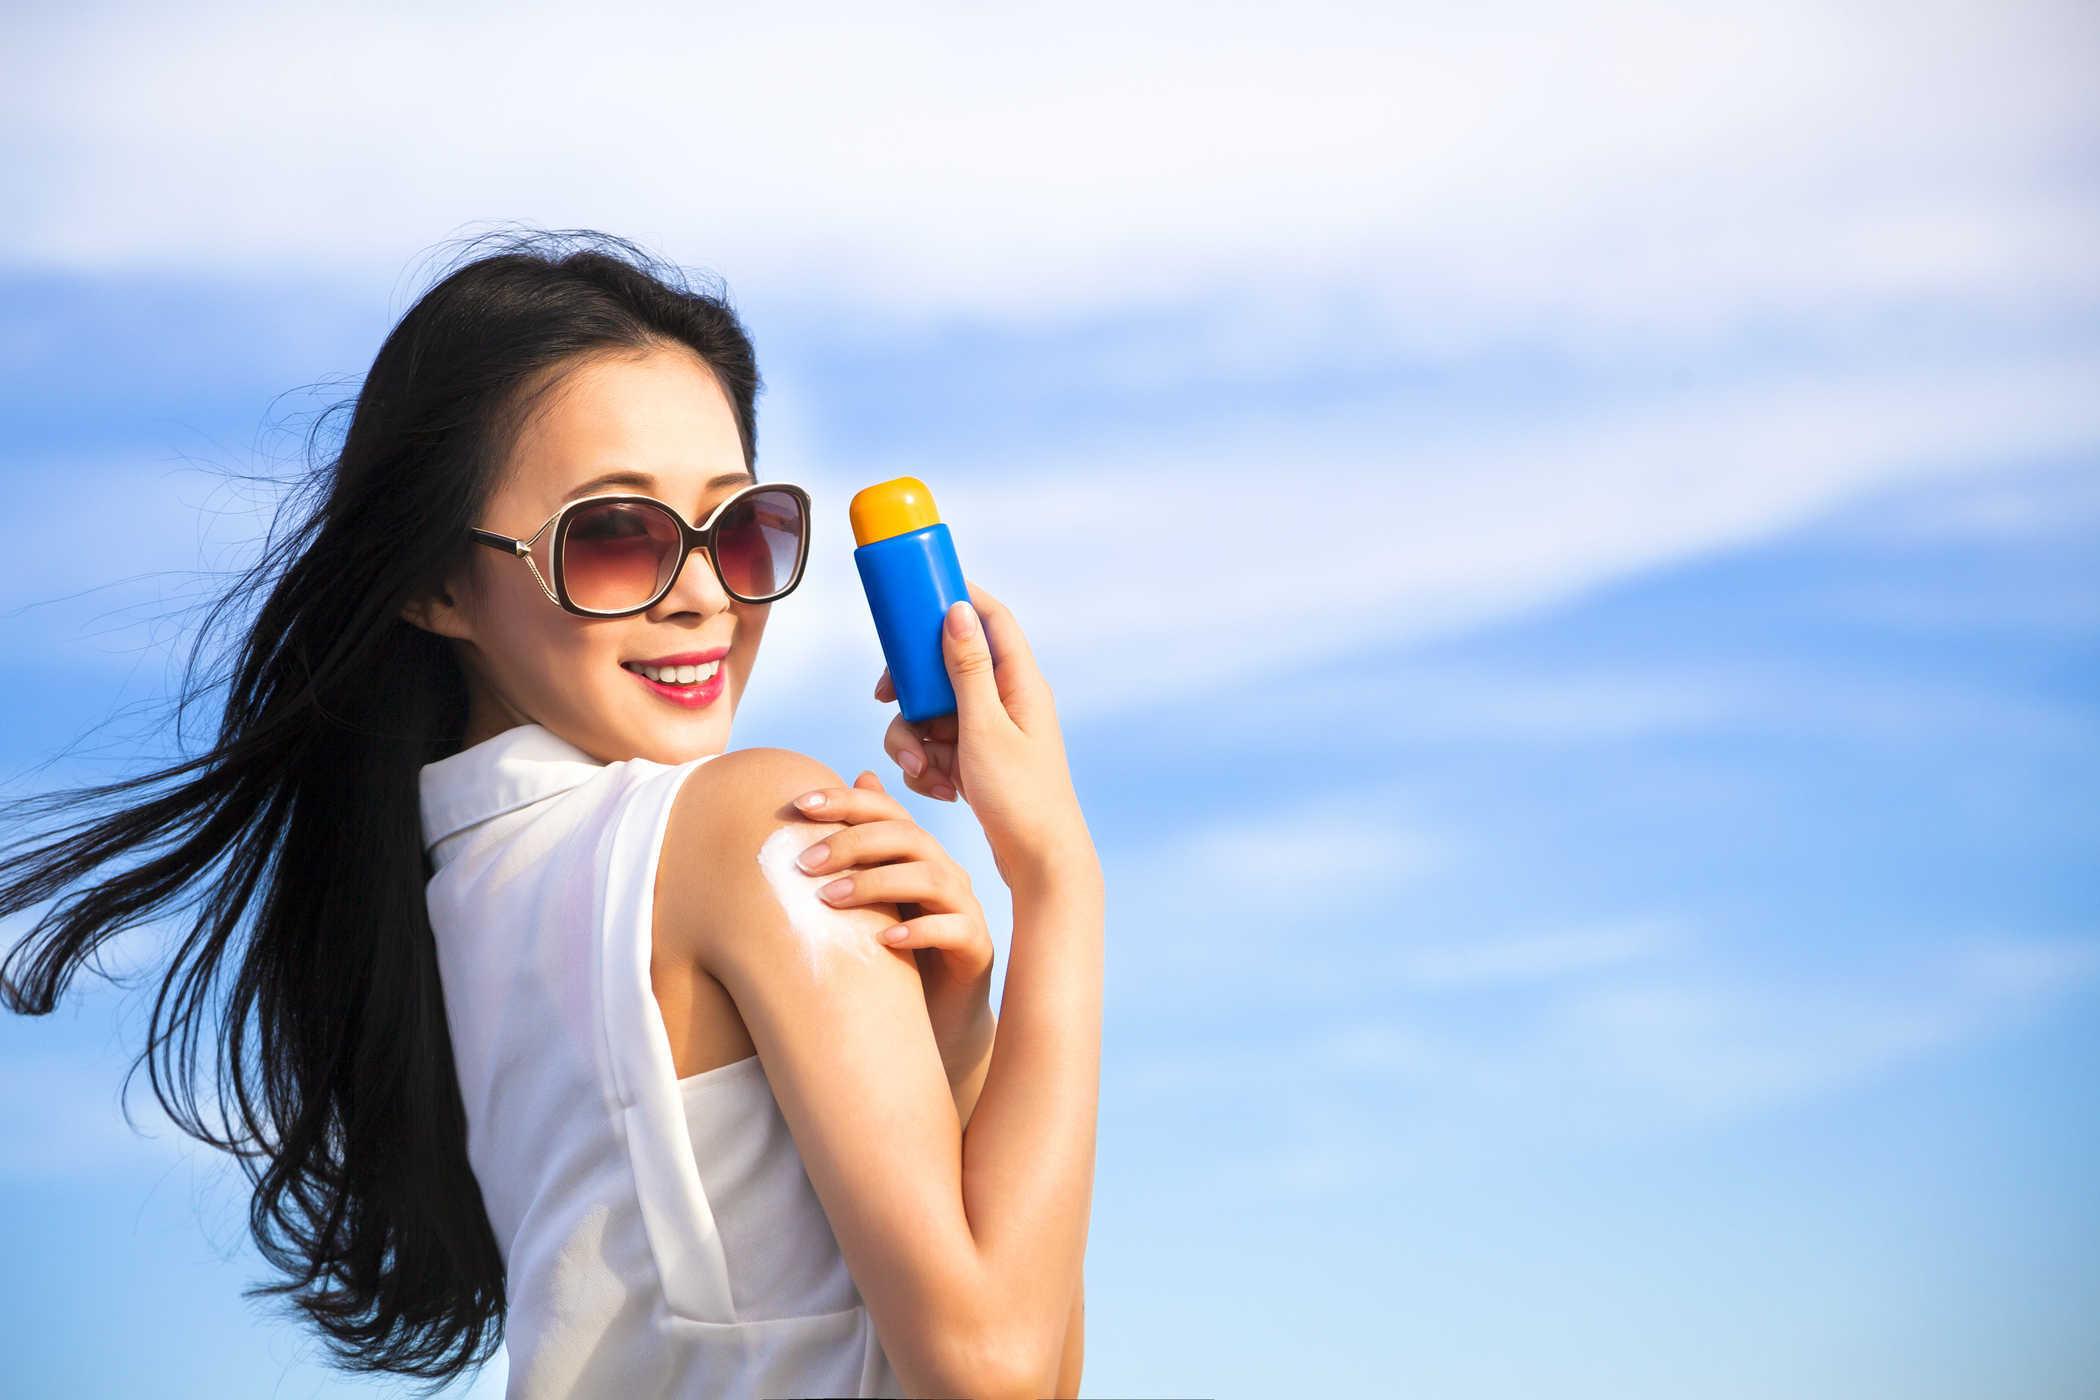 Chu trình dưỡng da trị mụn 10 BƯỚC của gái Hàn – Chỉ sau 1 TUẦN da trắng sáng, láng mịn!